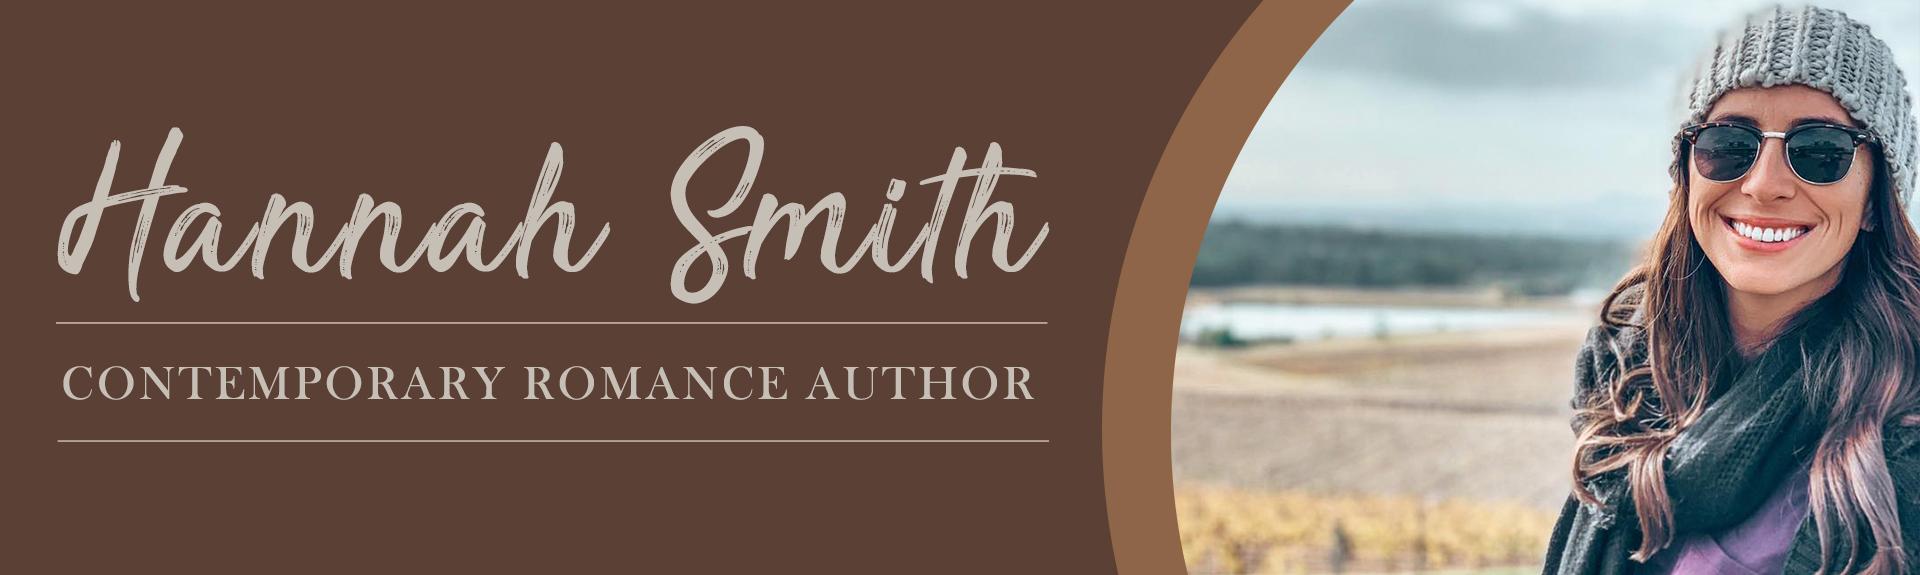 Hannah Smith | Author